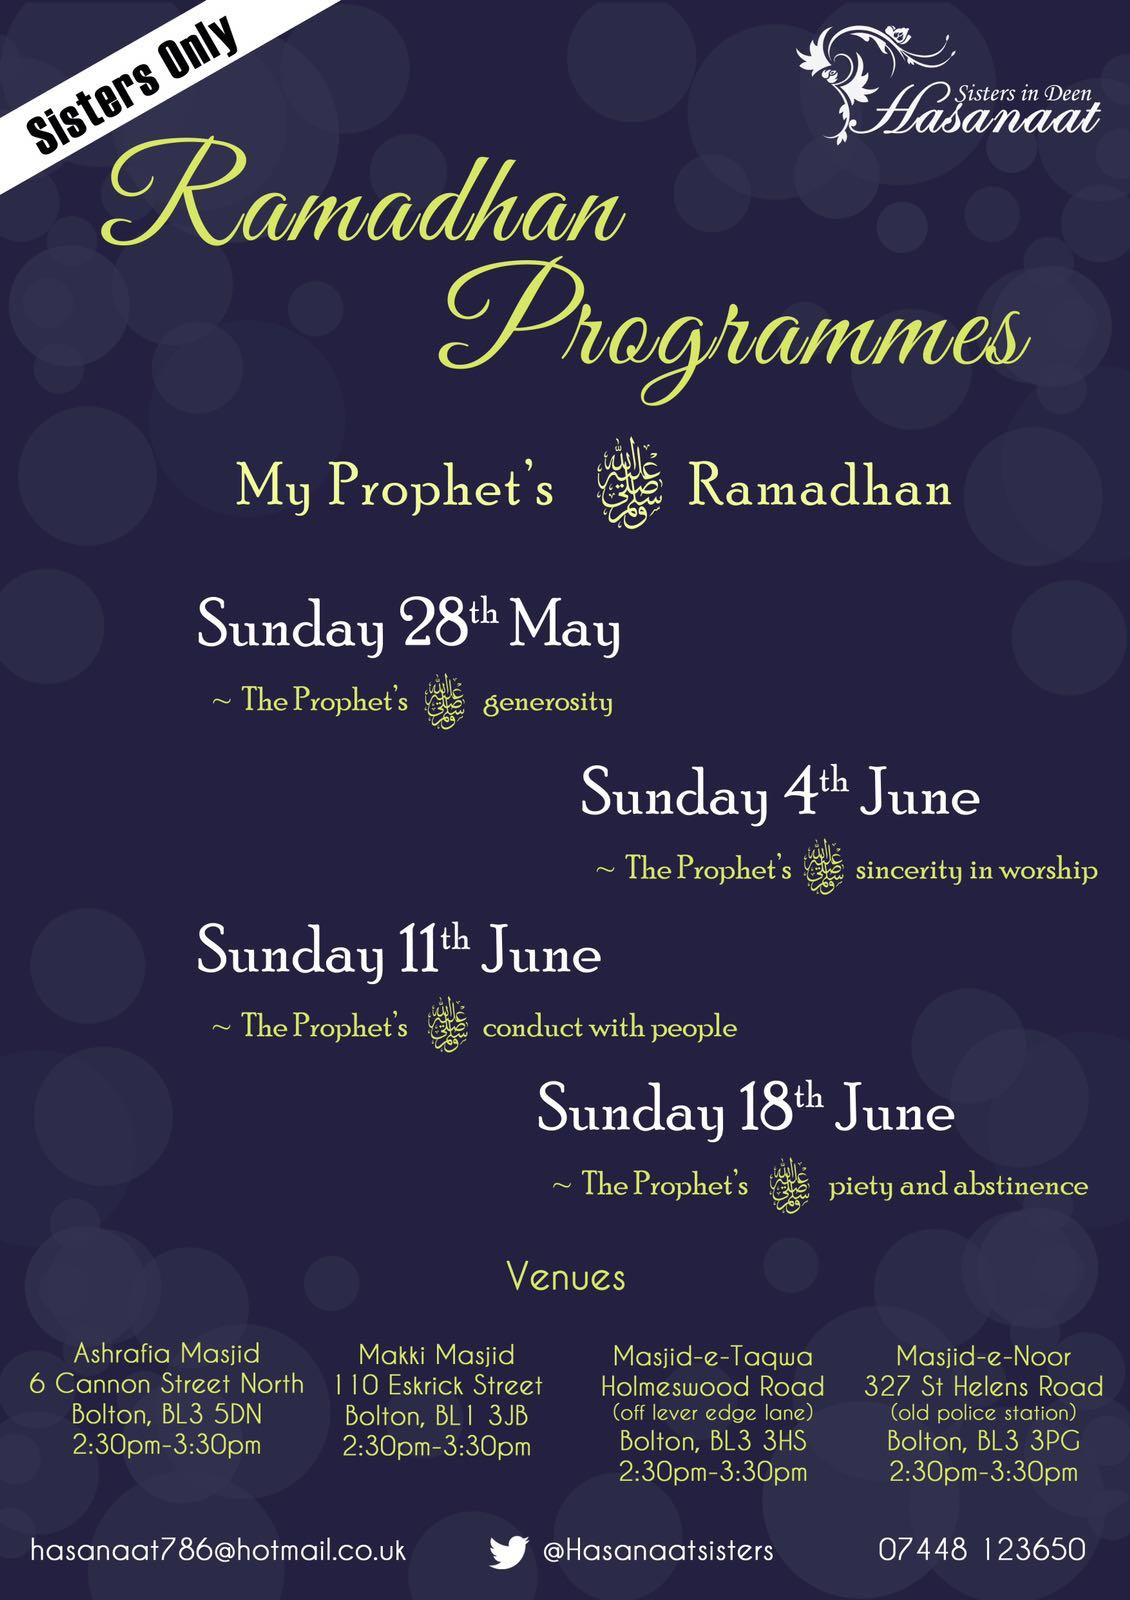 Sisters' Ramadhan Programmes 2017